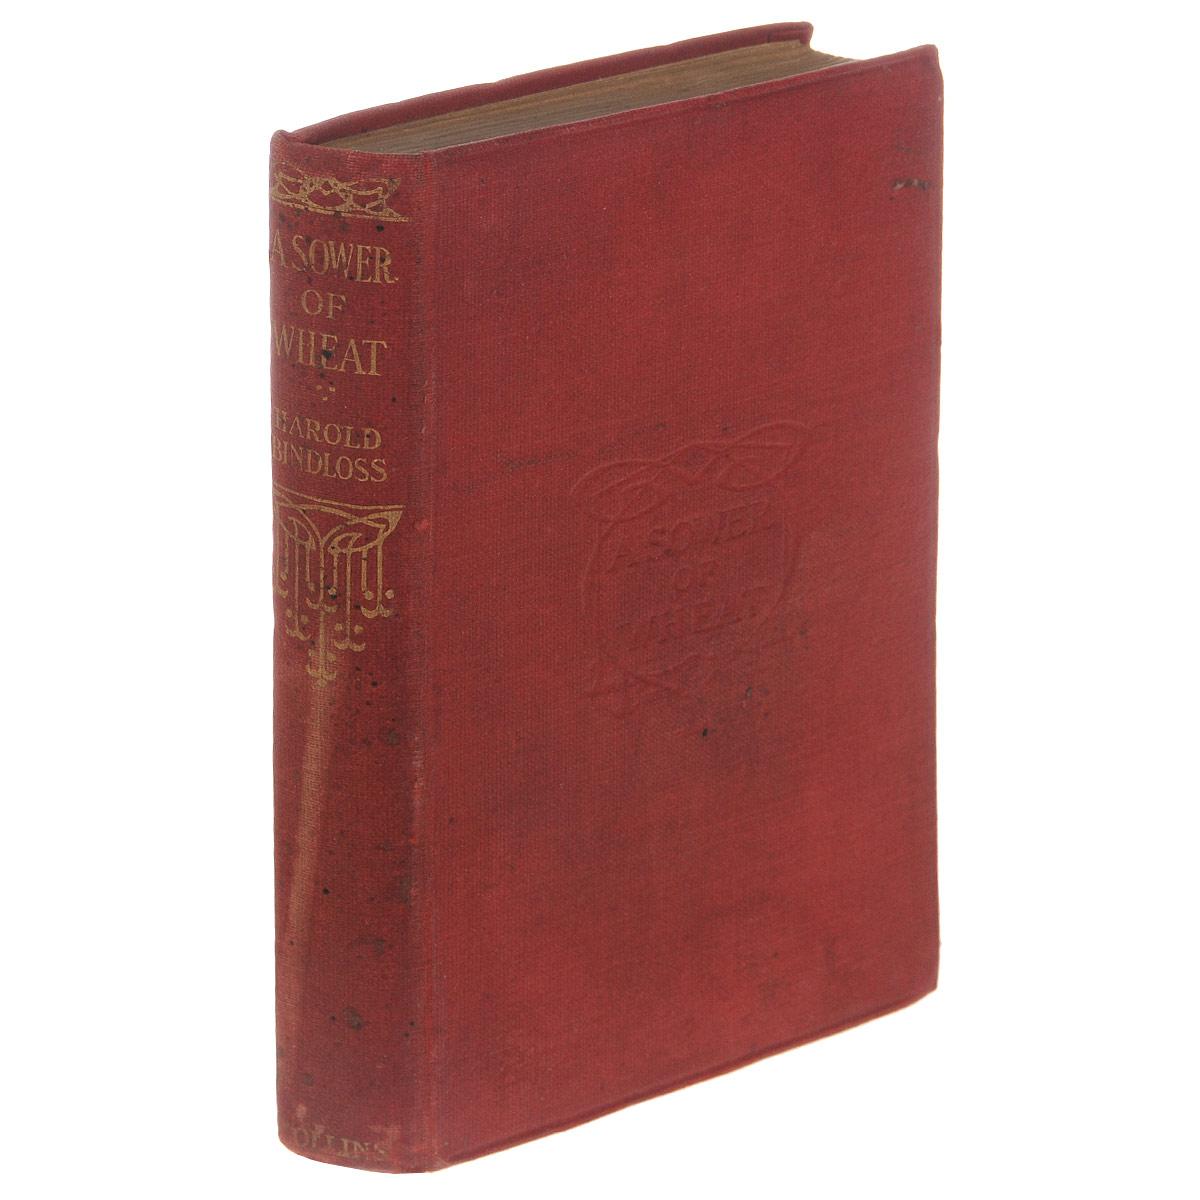 A Sower of Wheat1London and Glasgow, 1917. Collins Clear - Type Press. Издательский переплет, сохранность хорошая, на обложке потертости и пятна. Вашему вниманию предлагается книга A Sower of Wheat.